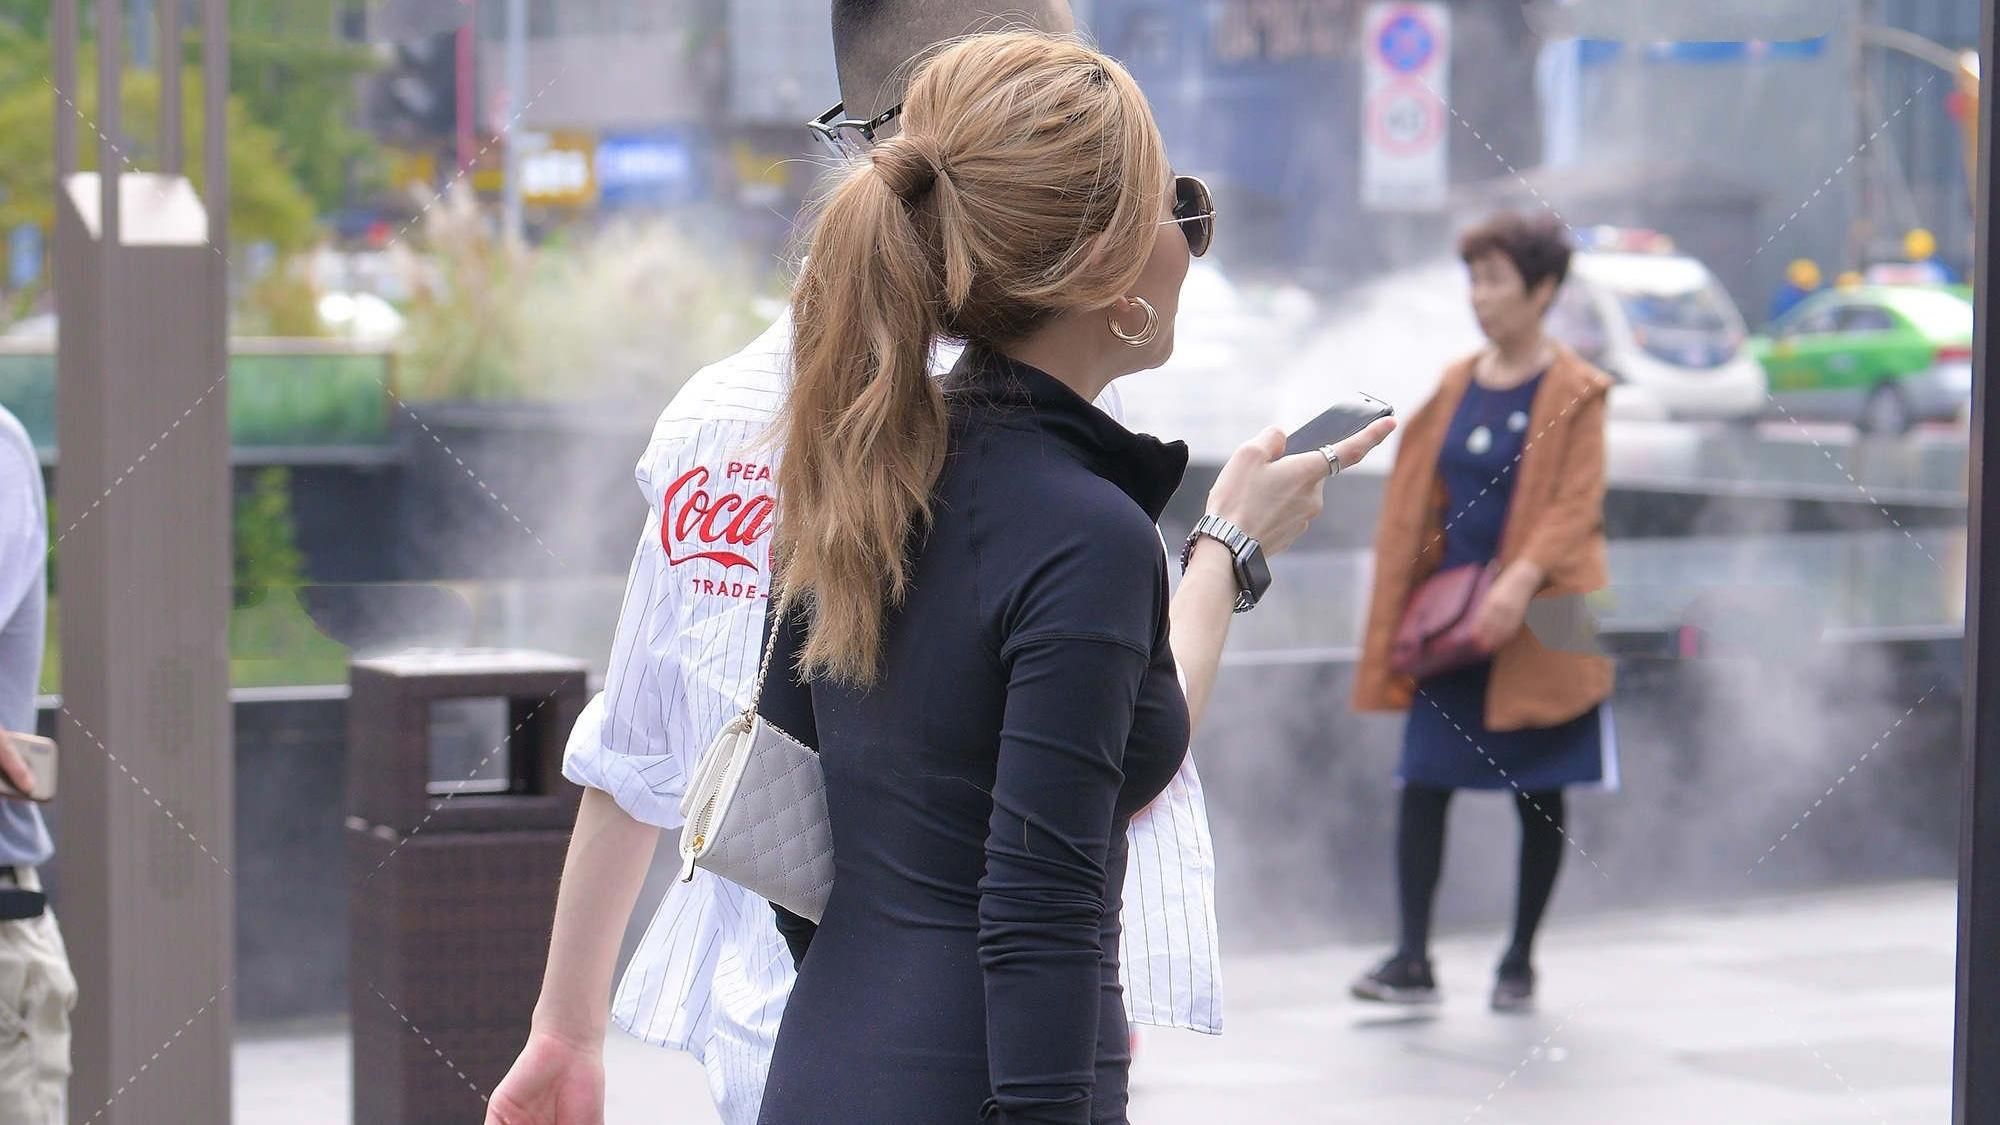 黑色立领修身连衣裙,黑色一字带高跟鞋,尽显高级时尚